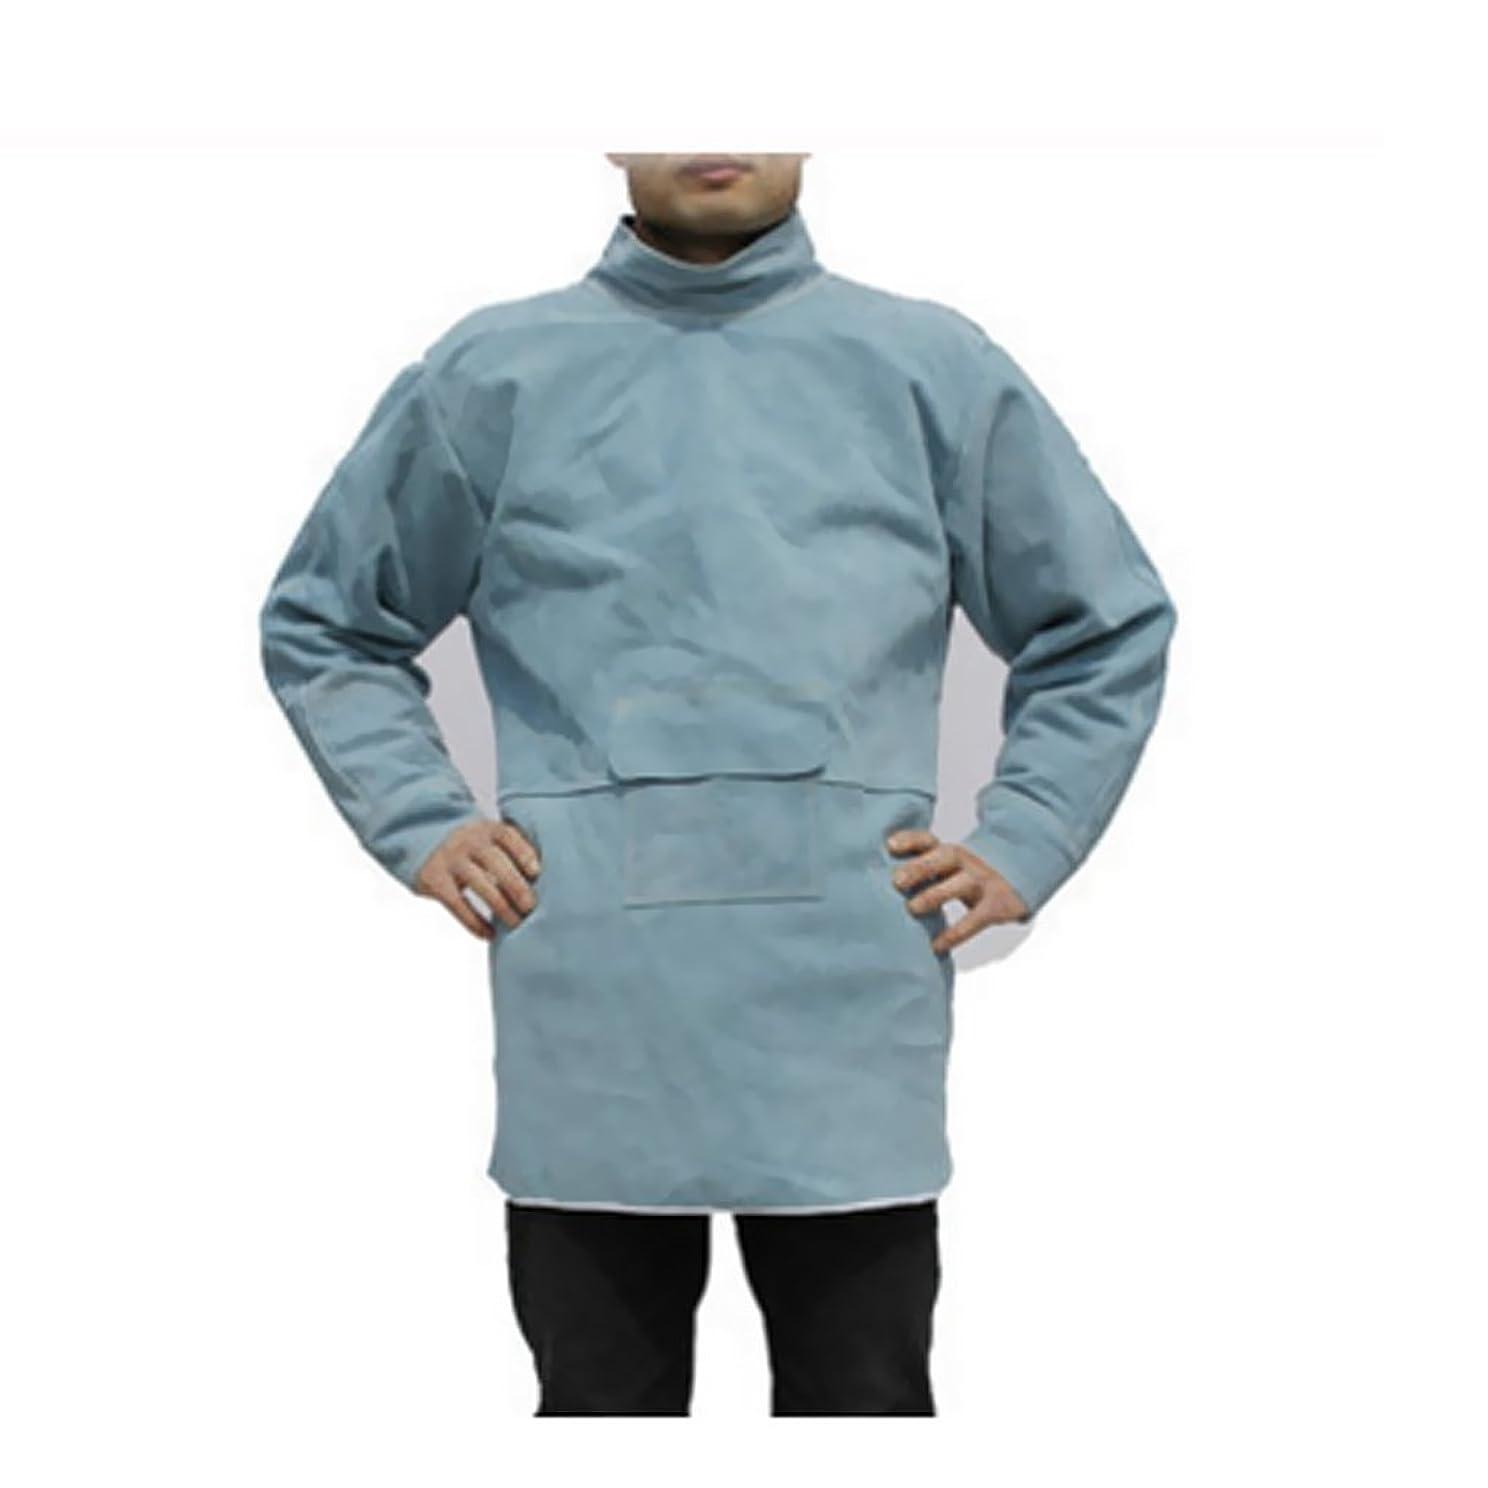 に負ける慣らす風変わりなKESOTO プロ仕様 溶接ジャケット 作業着 やけど対策 全4サイズ2色選択 人工牛革 エプロン  - 85cm 青